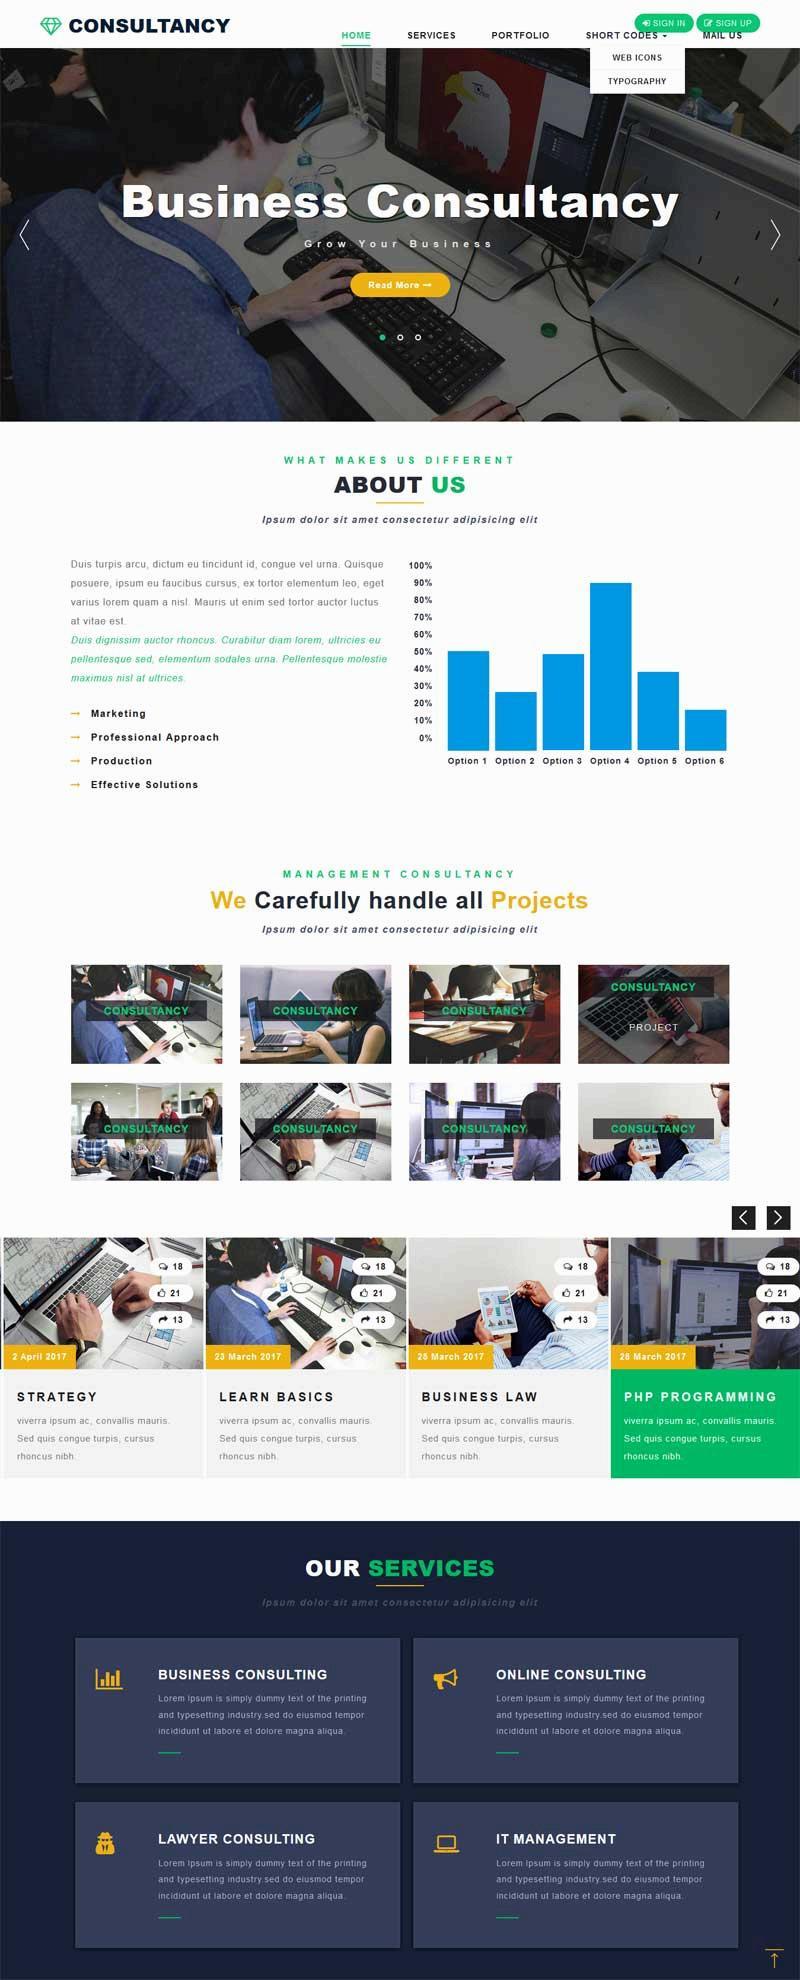 大气宽屏的商业咨询公司网站模板